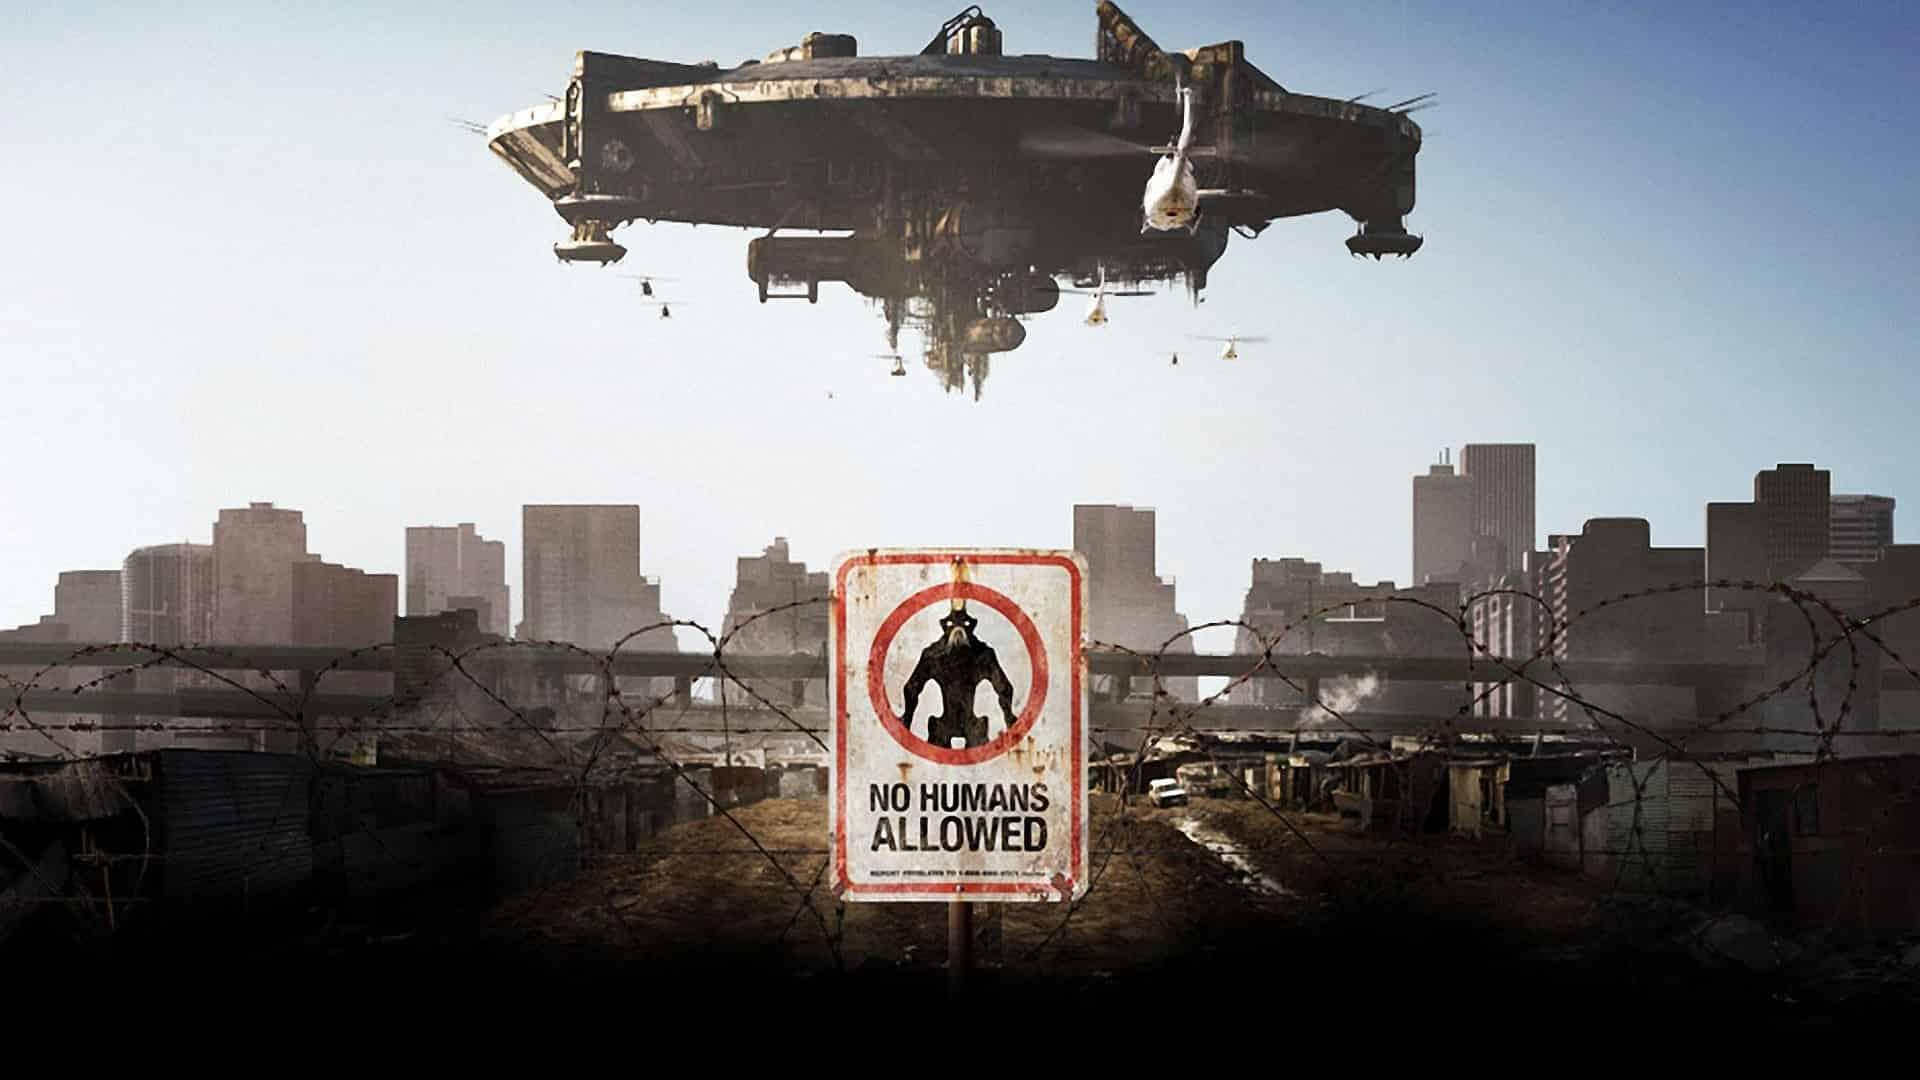 بهترین فیلم ها درباره موجودات فضایی